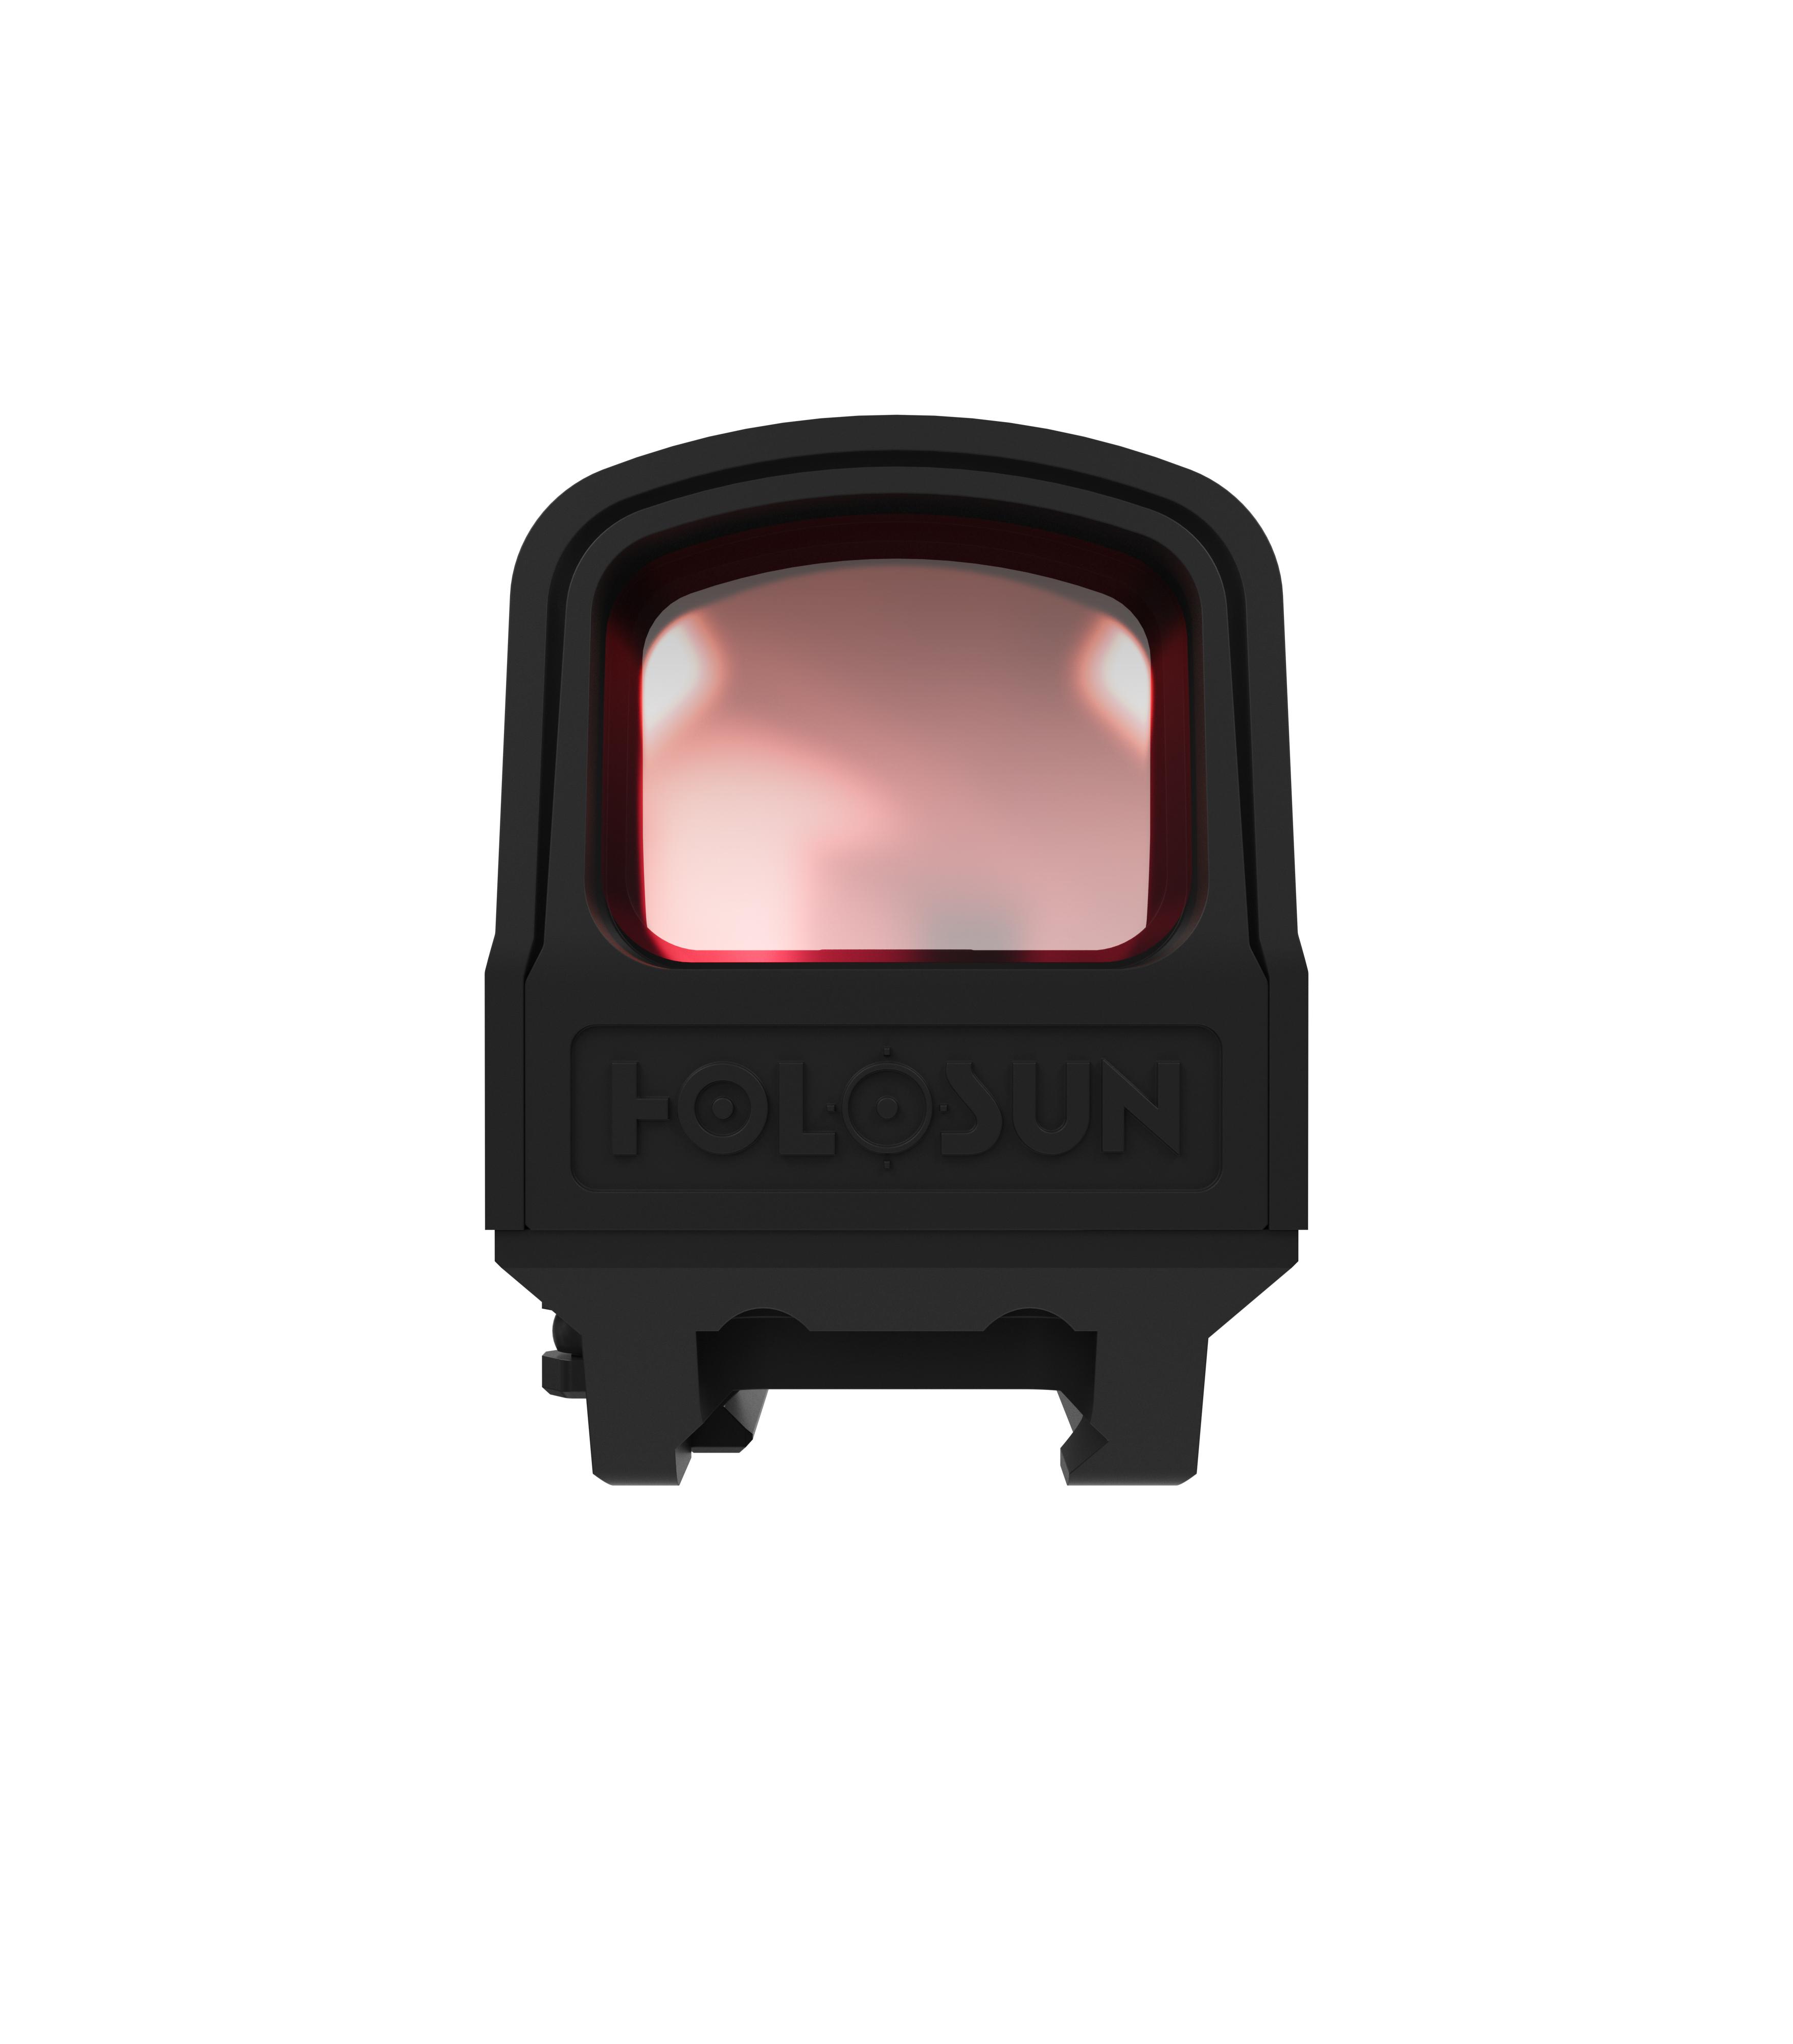 Holosun CLASSIC HS510C